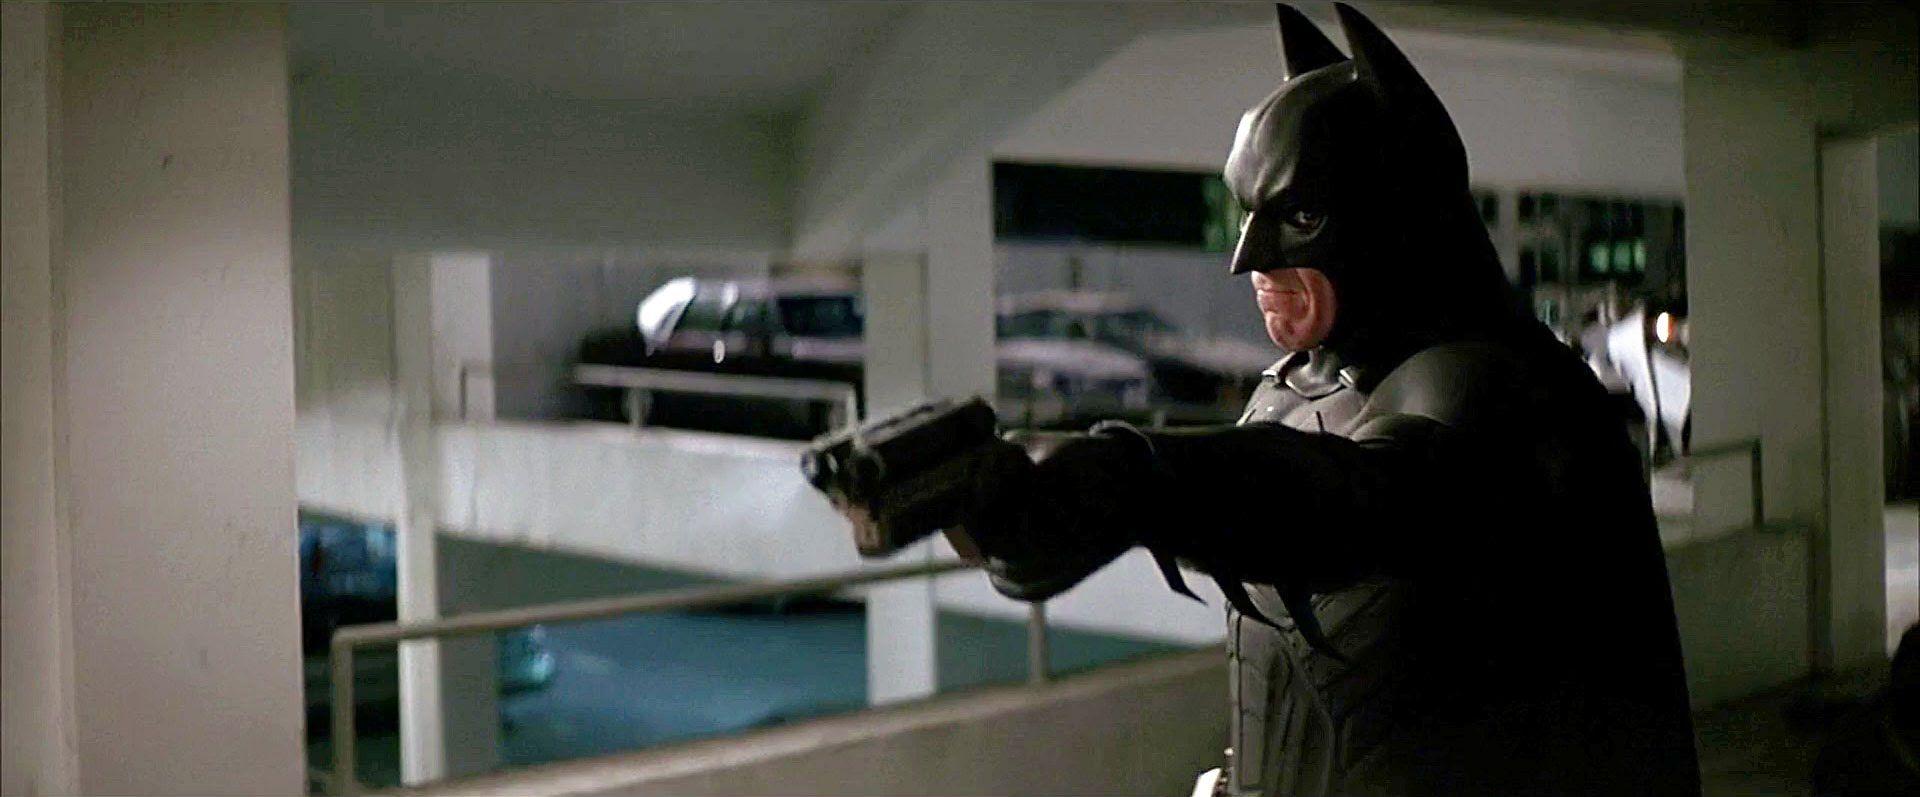 The Dark Knight I M Not Wearing Hockey Pads Batgirl And Robin Hockey Pads Batman And Batgirl